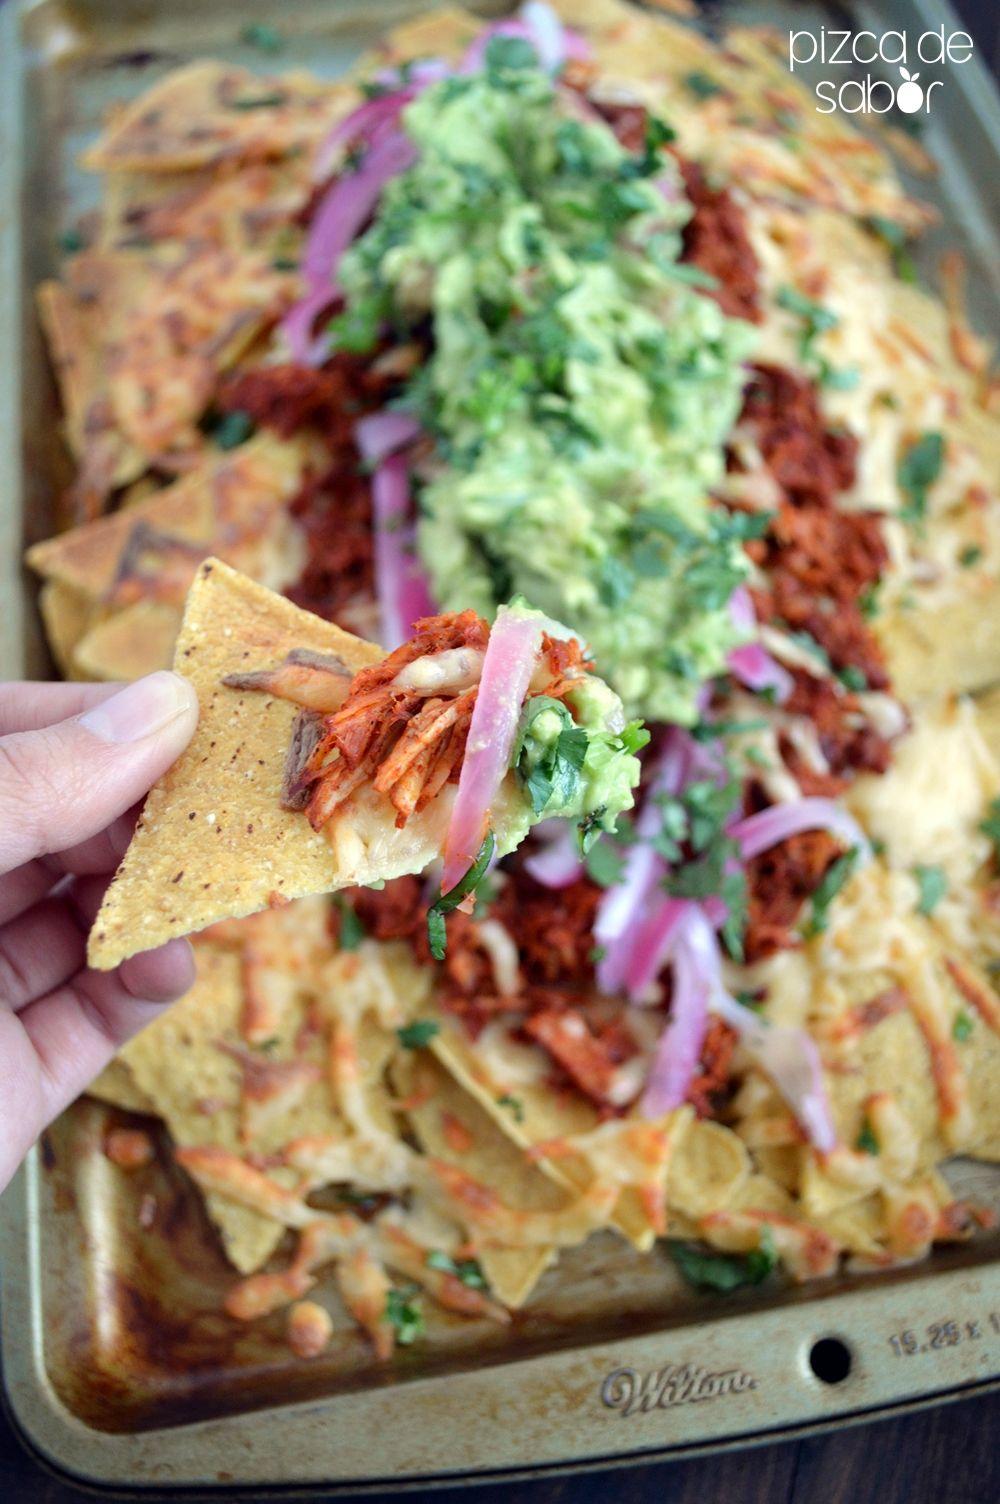 Nachos De Cochinita Pibil Con Guacamole Y Cebollitas Pizca De Sabor Receta Cochinita Pibil Recetas Mexicanas Recetas De Cocina